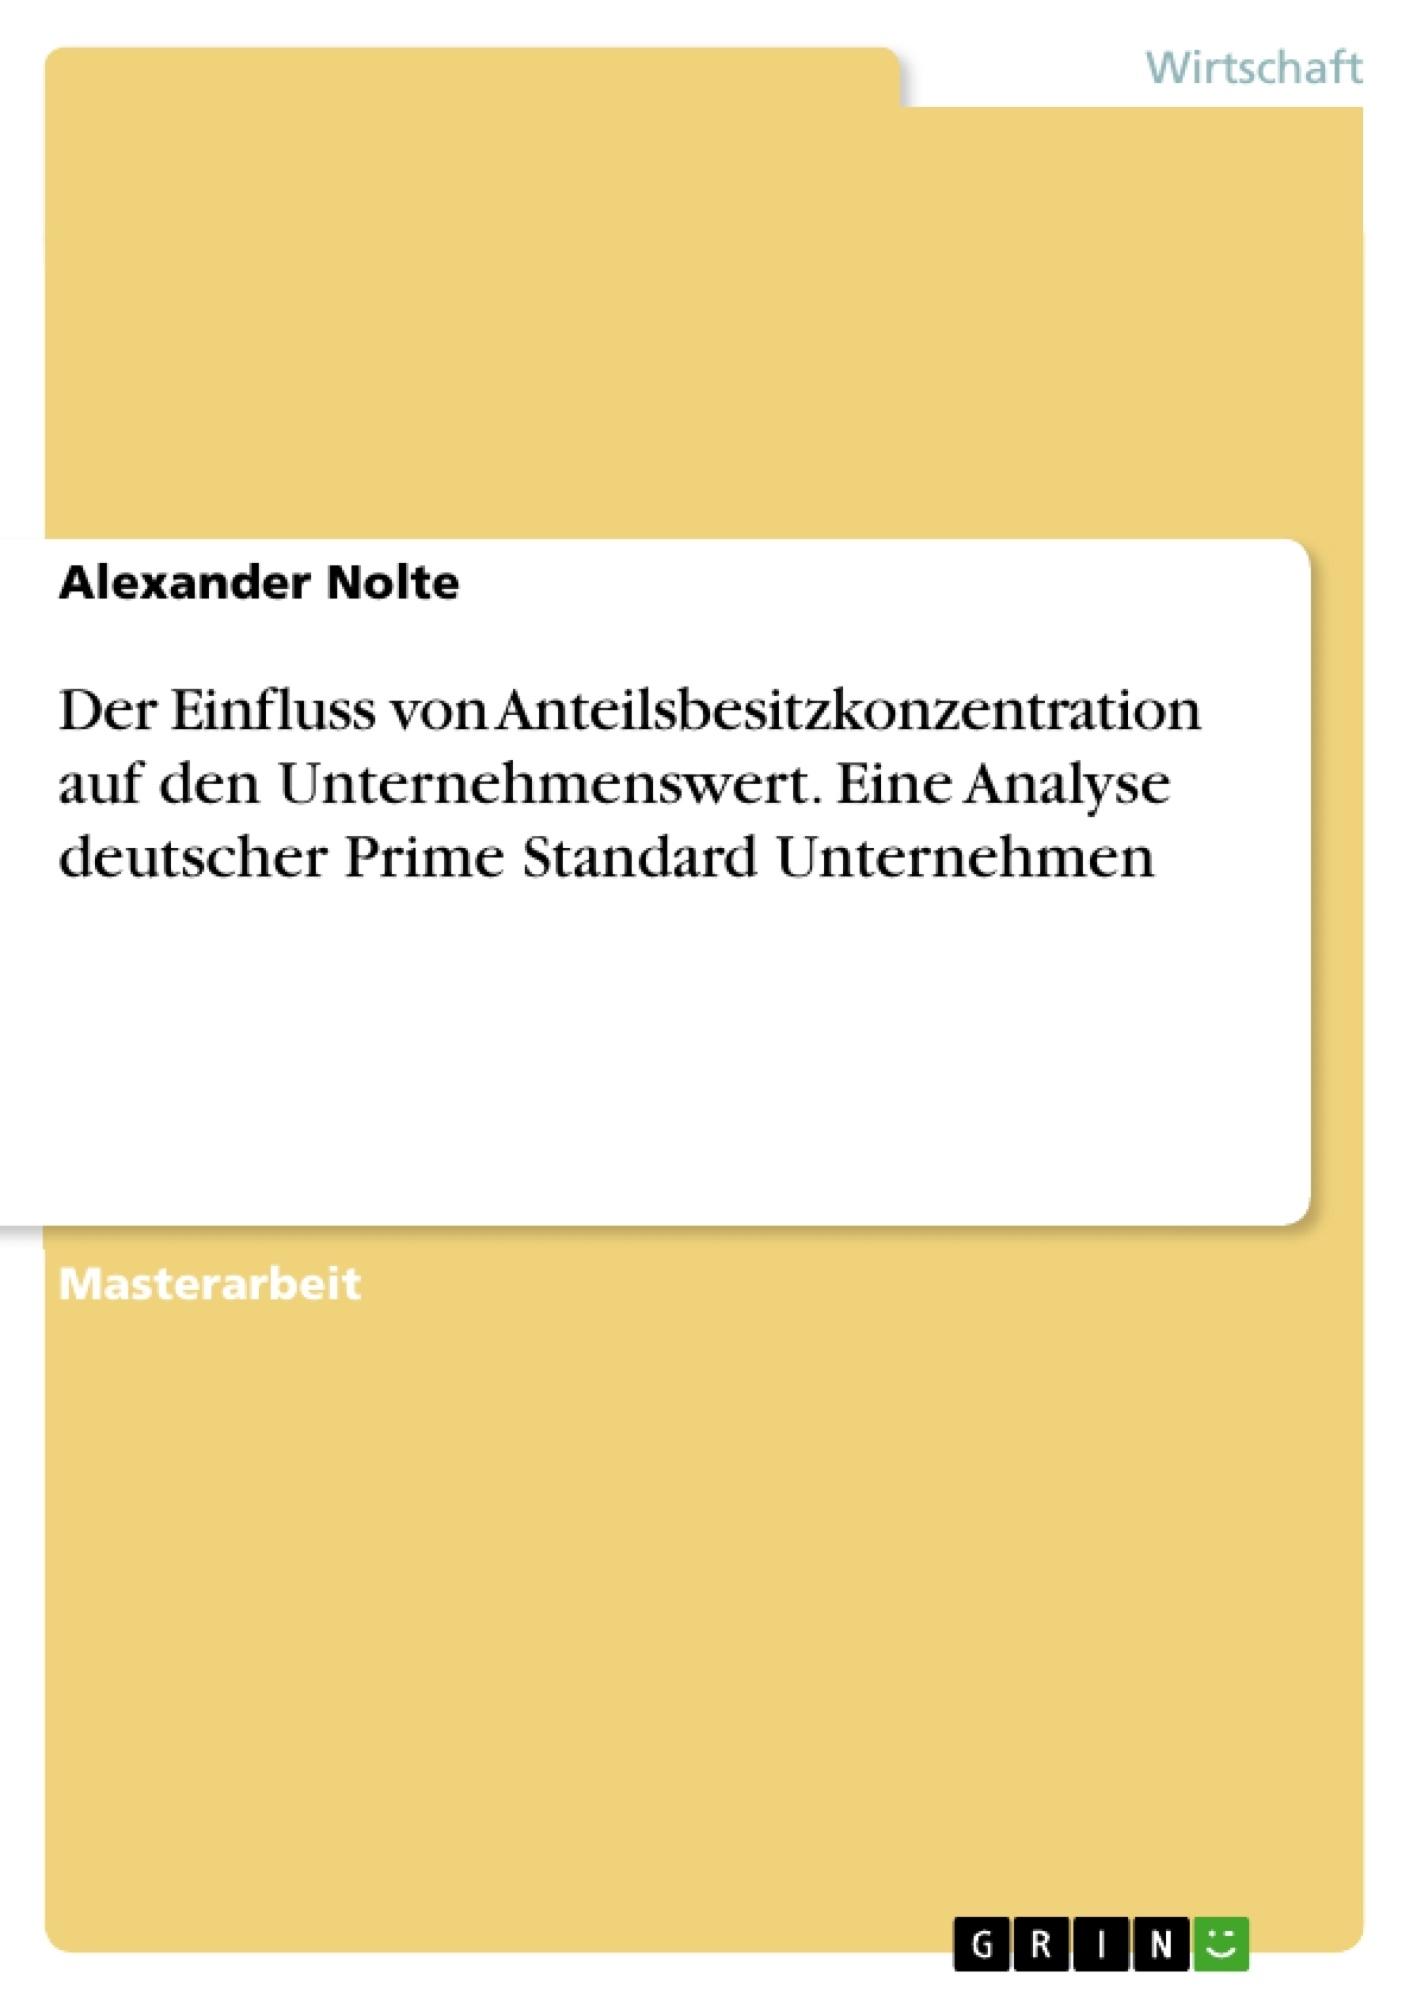 Titel: Der Einfluss von Anteilsbesitzkonzentration auf den Unternehmenswert. Eine Analyse deutscher Prime Standard Unternehmen